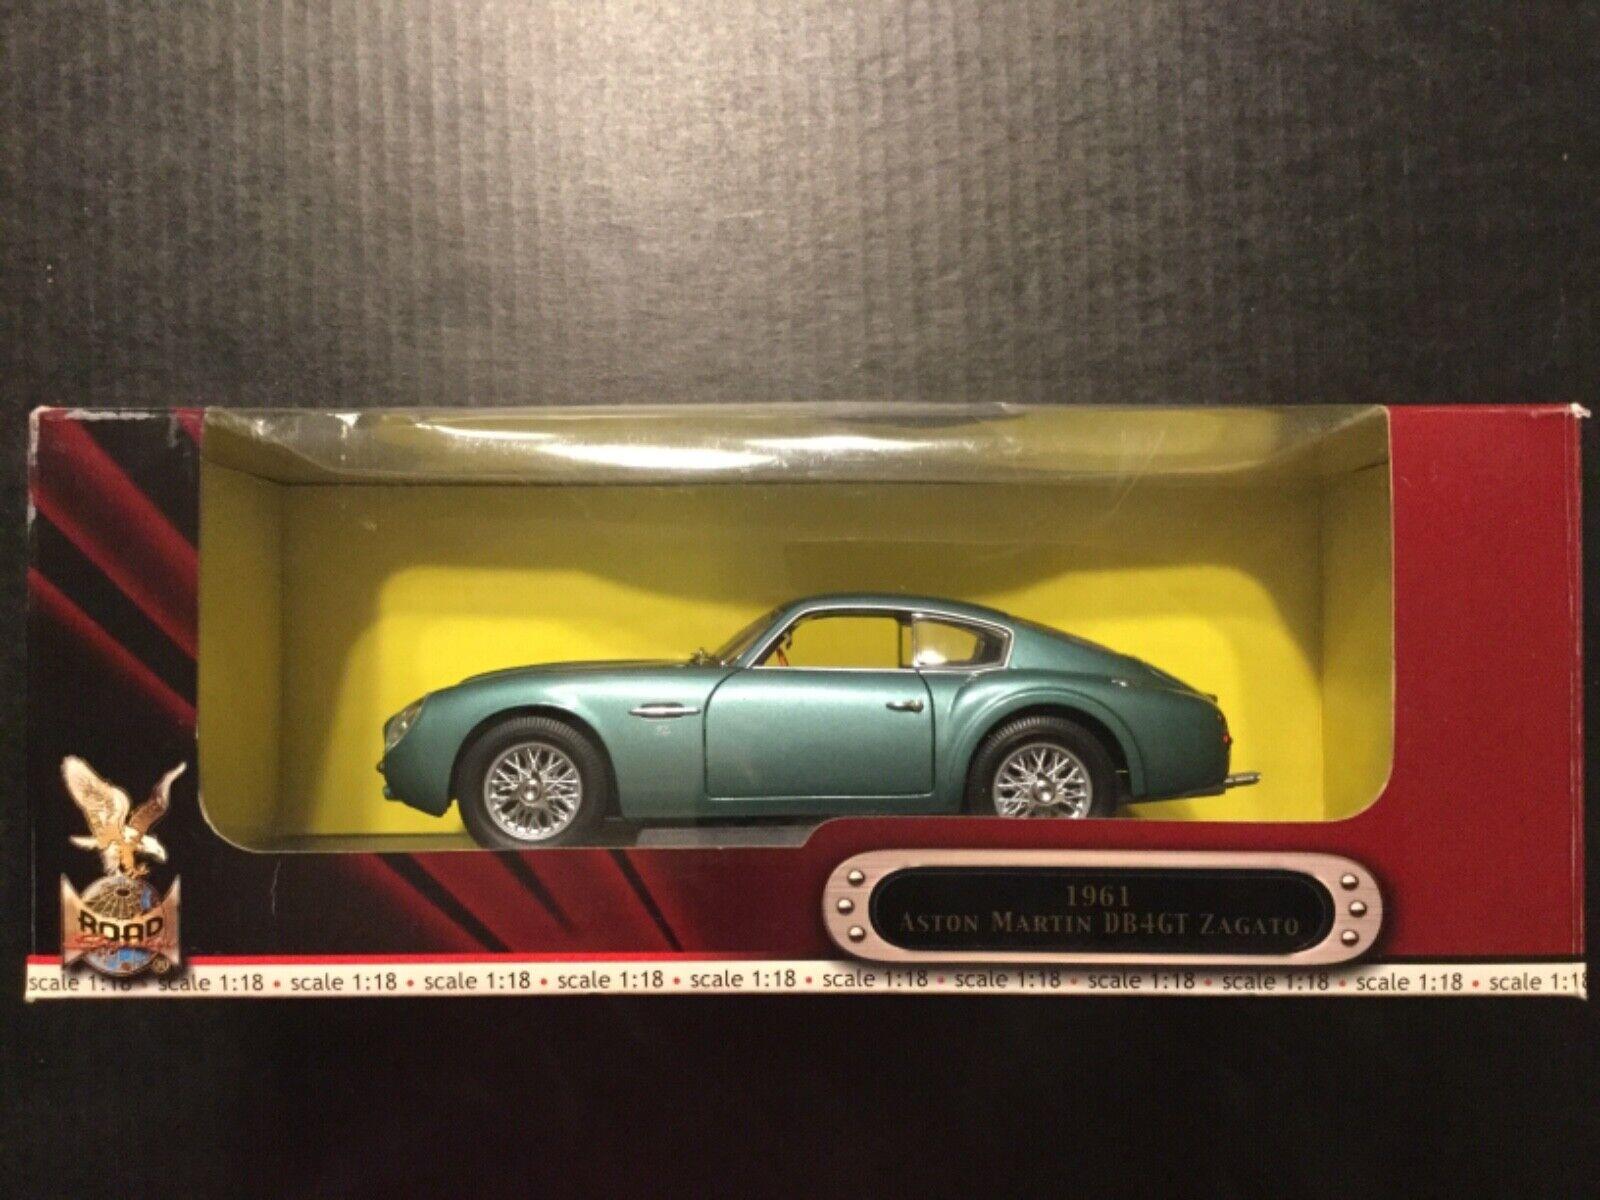 ROAD SIGNATURE 1961 ASTON MARTIN DB4GT ZAGATO 1 18 SCALE DIE CAST Modelll CAR